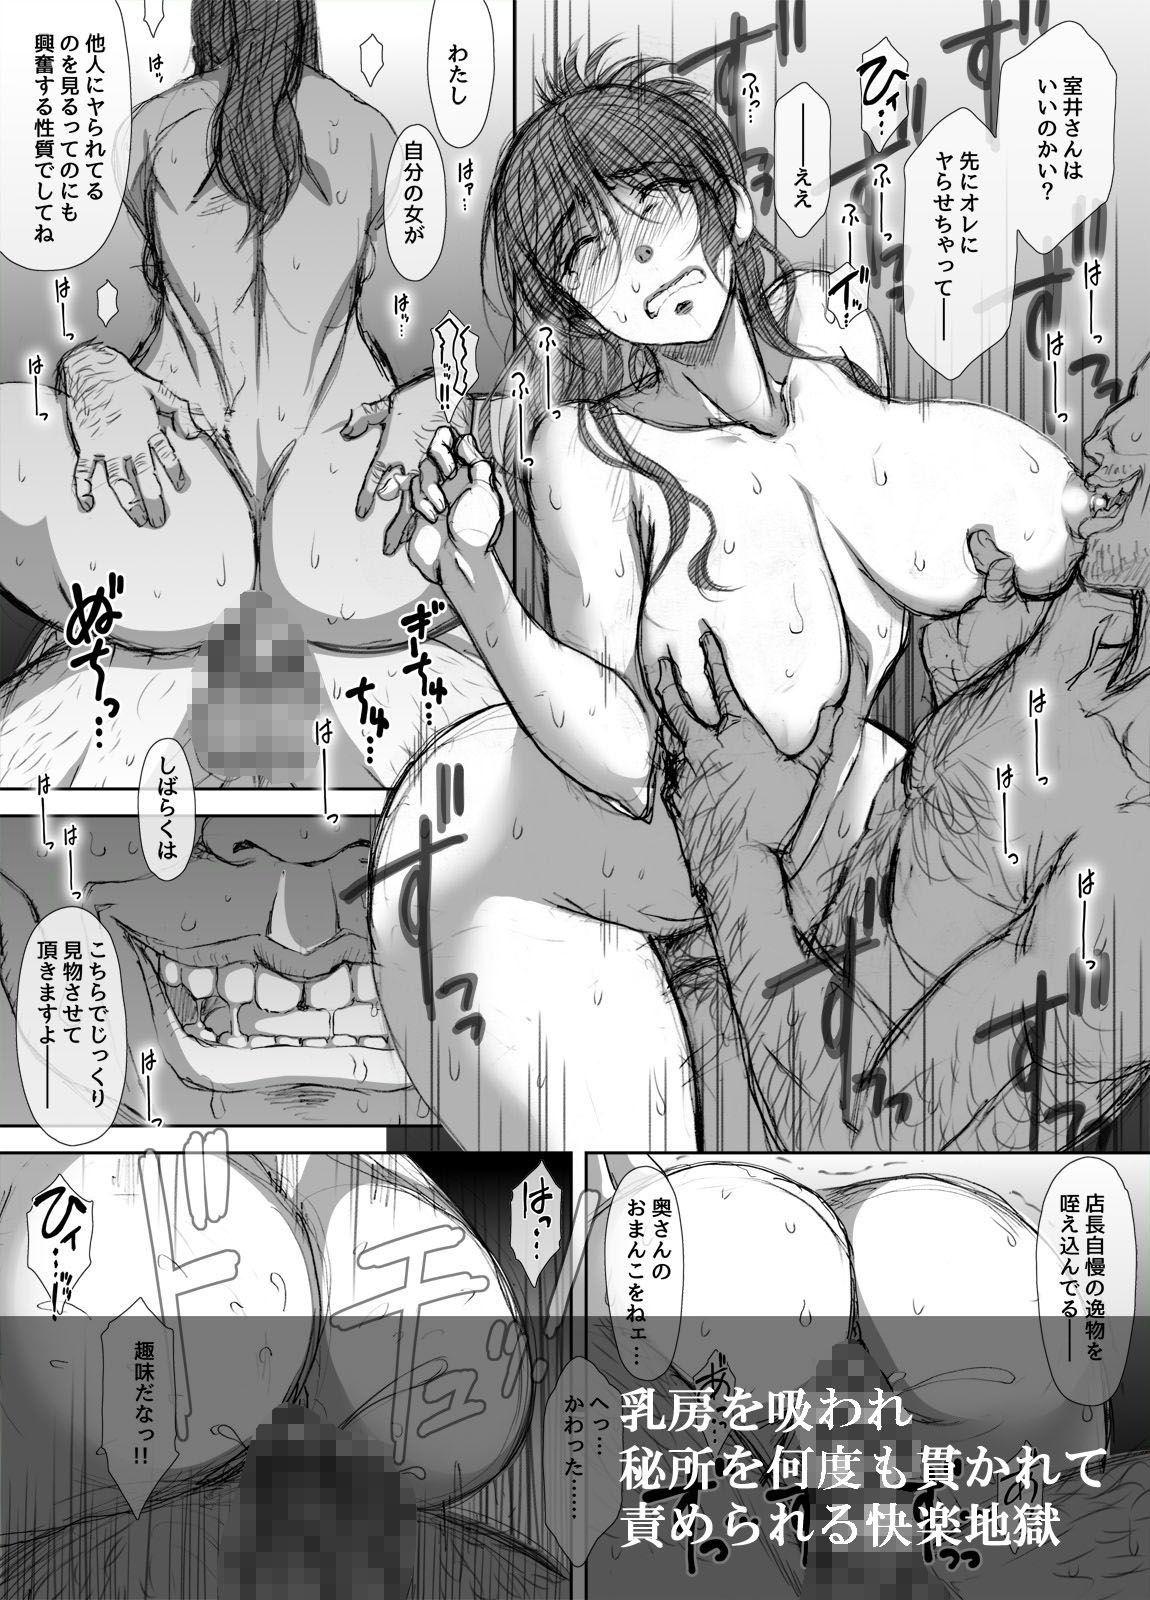 【二次元】商店街人妻援助売春 同人エロコミ・無料サンプル画像(スマホ対応)